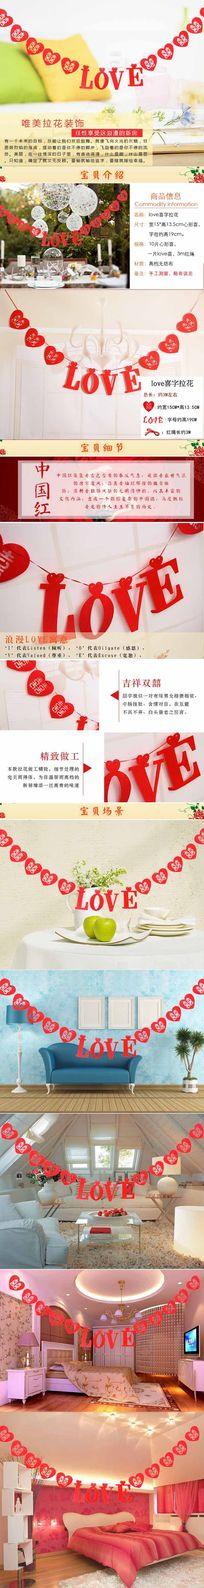 love镂空喜字无纺布红色婚房装饰拉花详情页